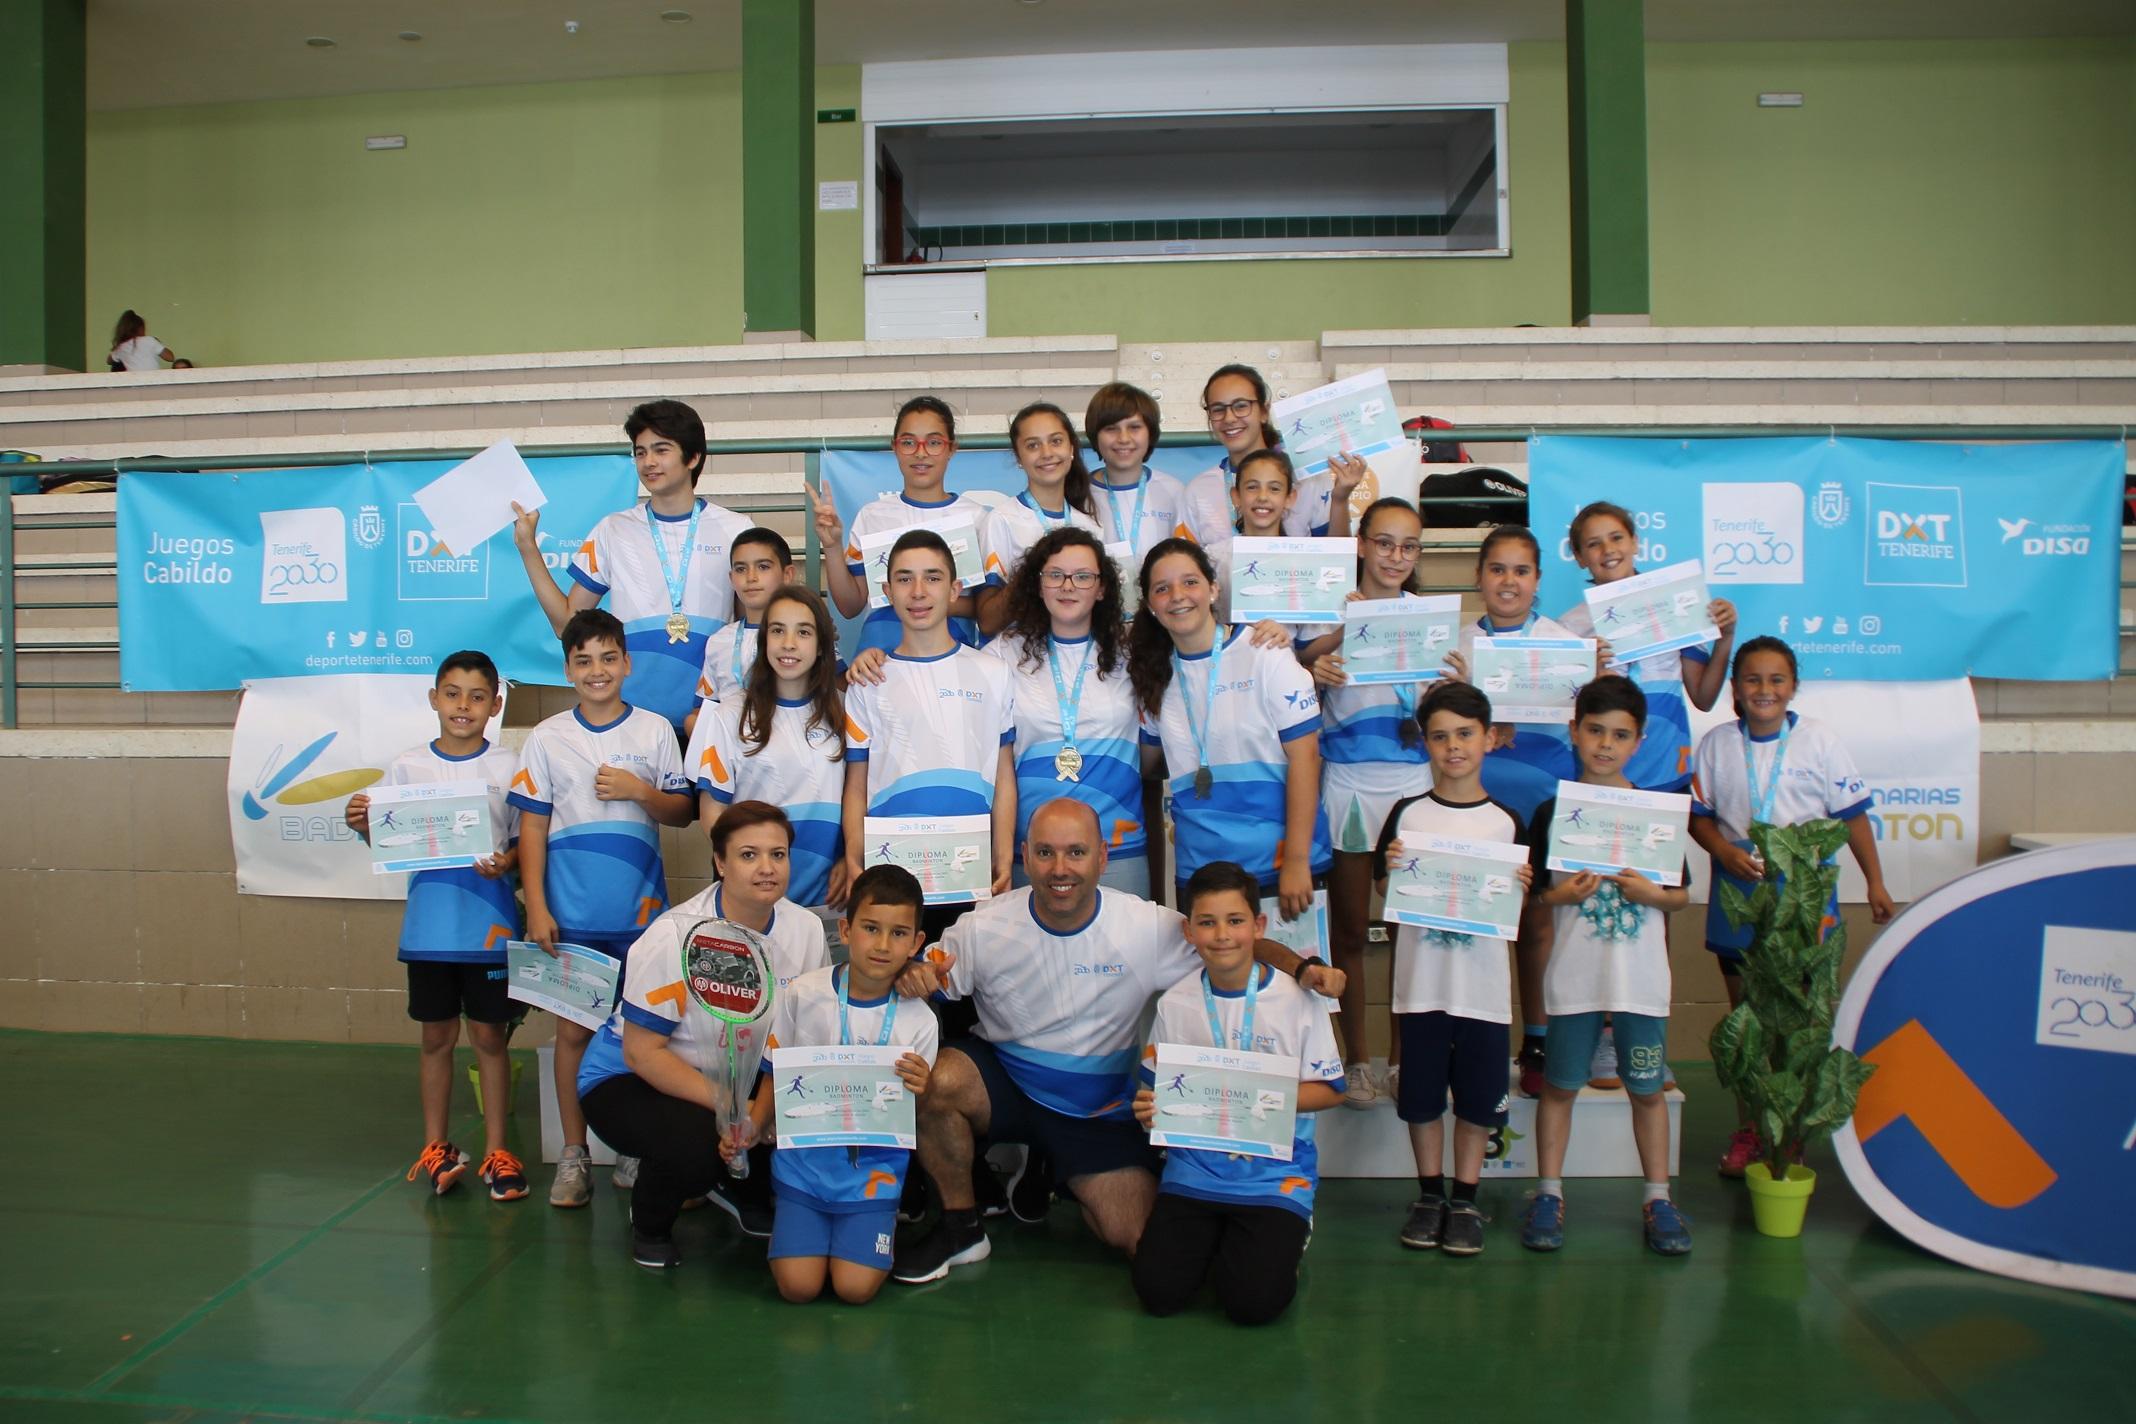 Club Bádminton El Rosario-Final Juegos Cabildo